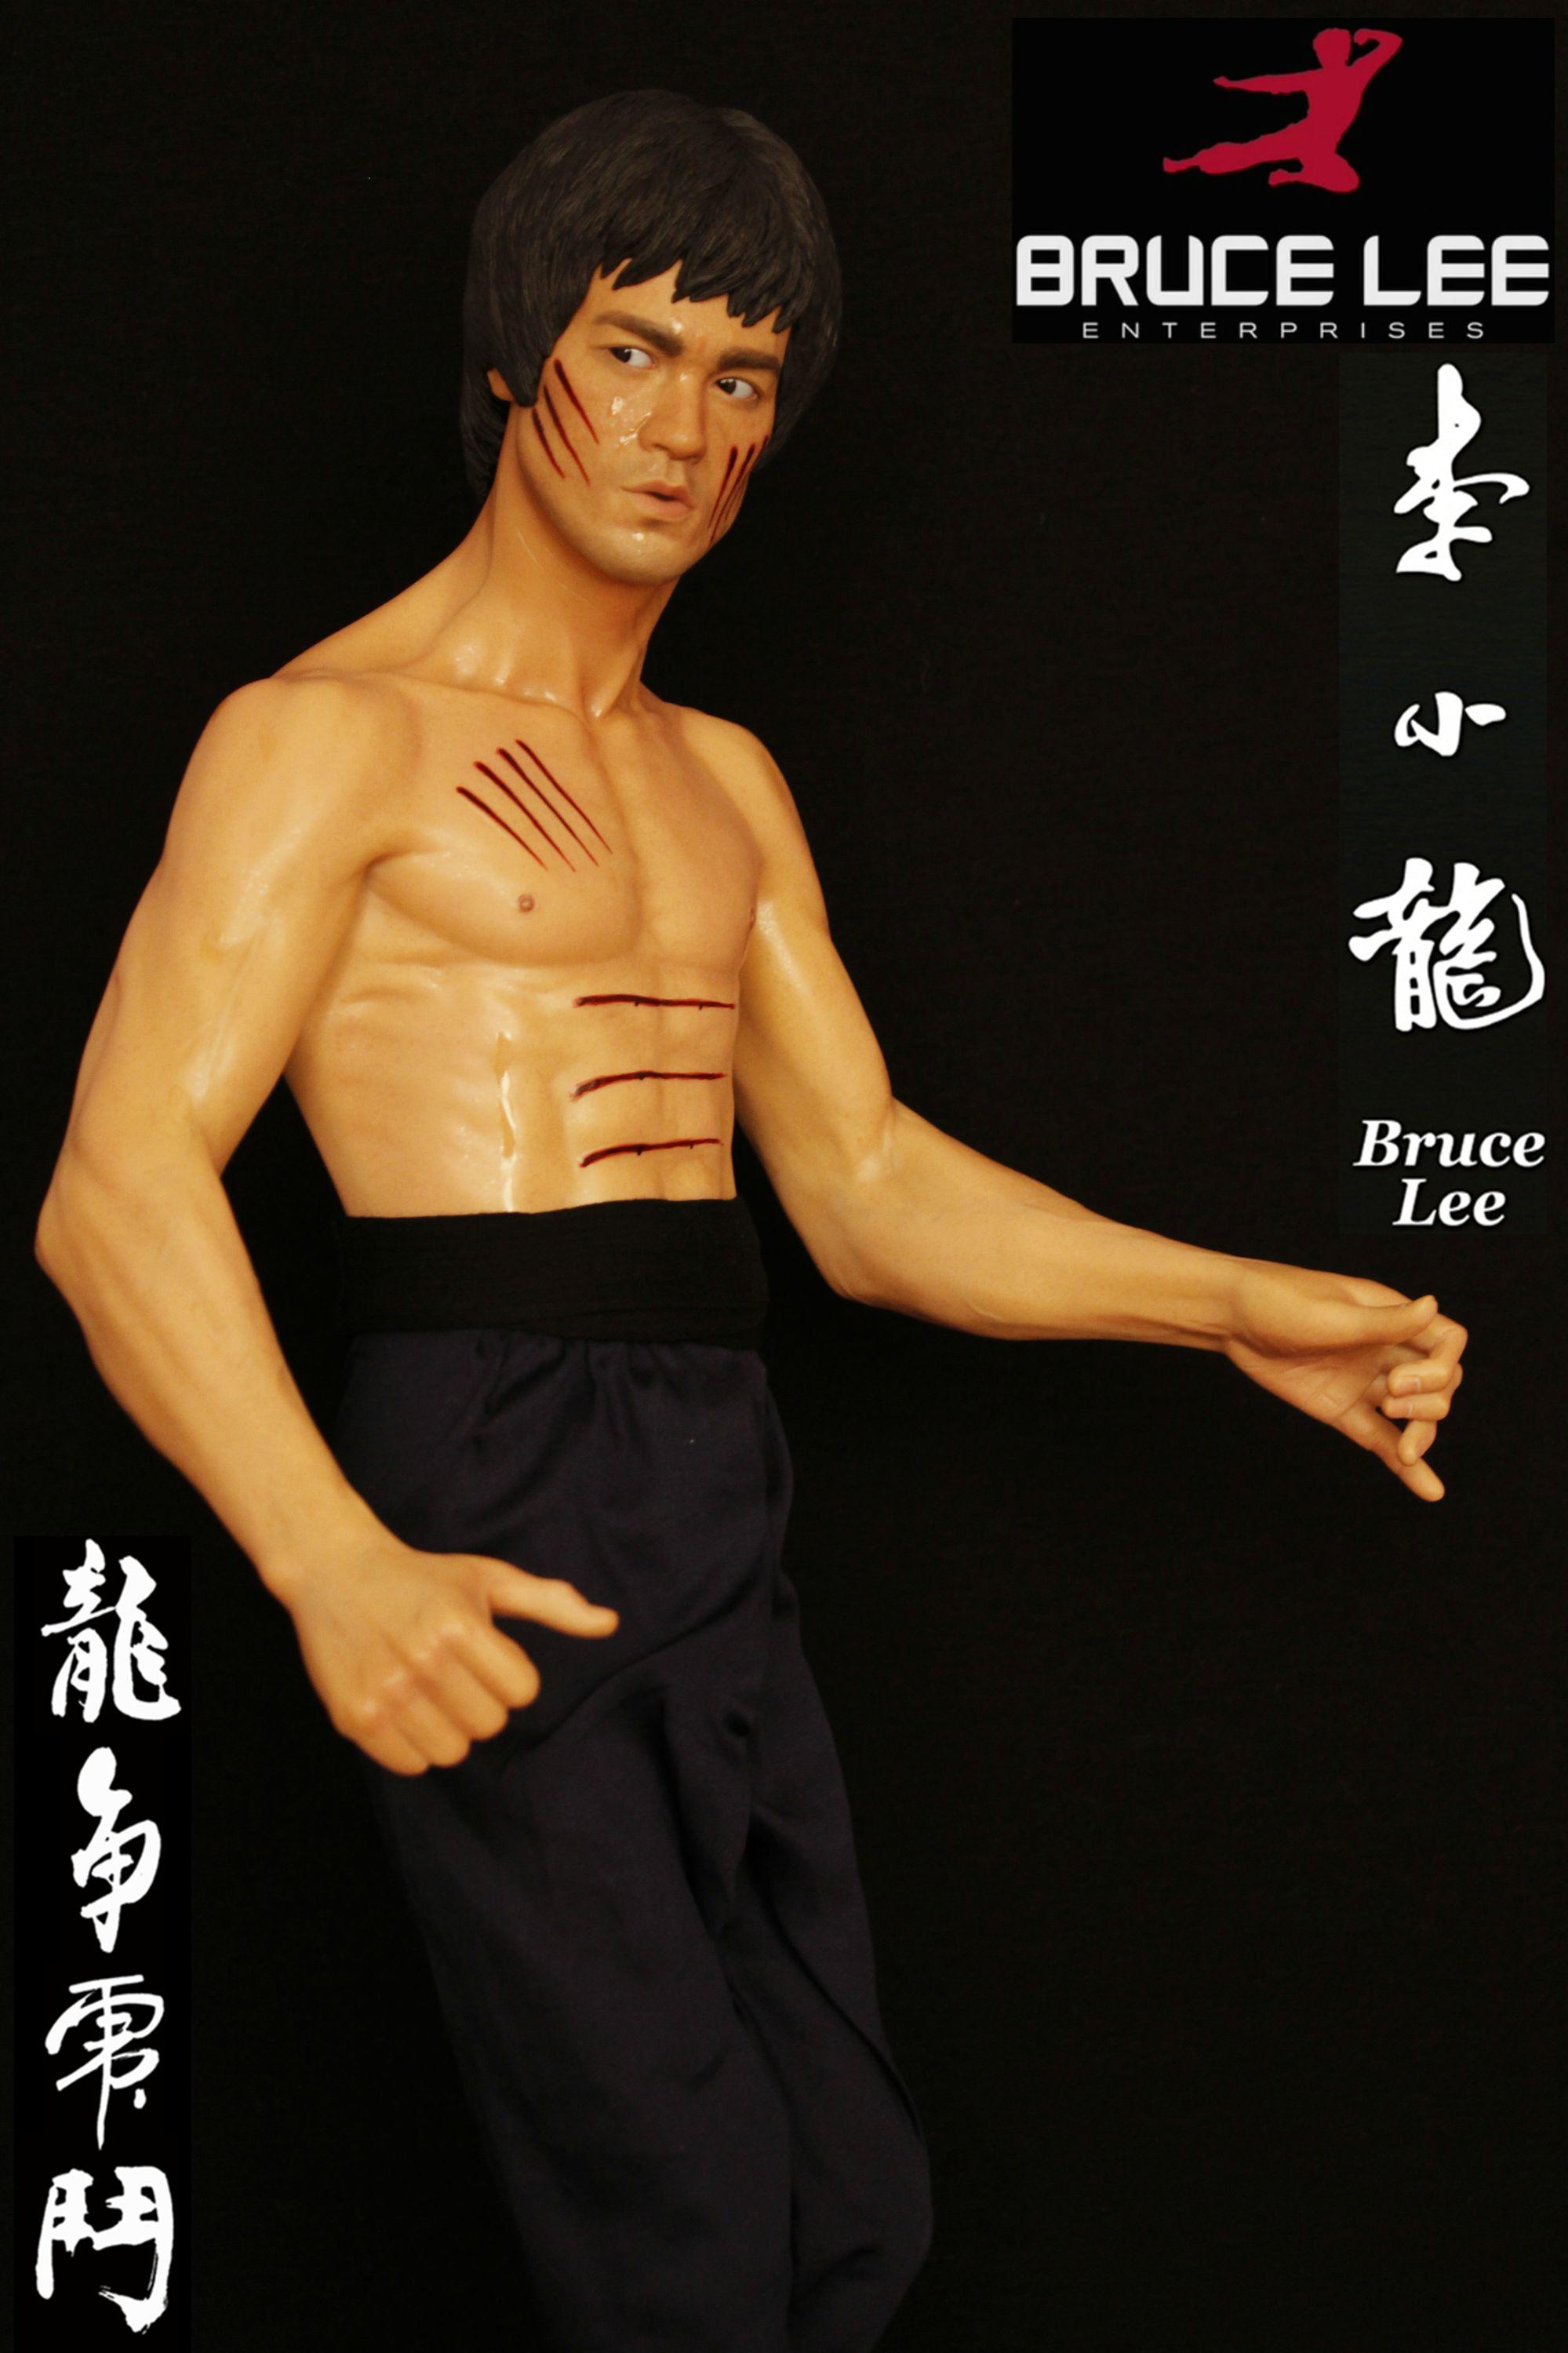 [Blitzway] Bruce Lee Tribute - 1/3 Scale - LANÇADO!!! - Página 6 204958qh6np3pnw06wcn4d